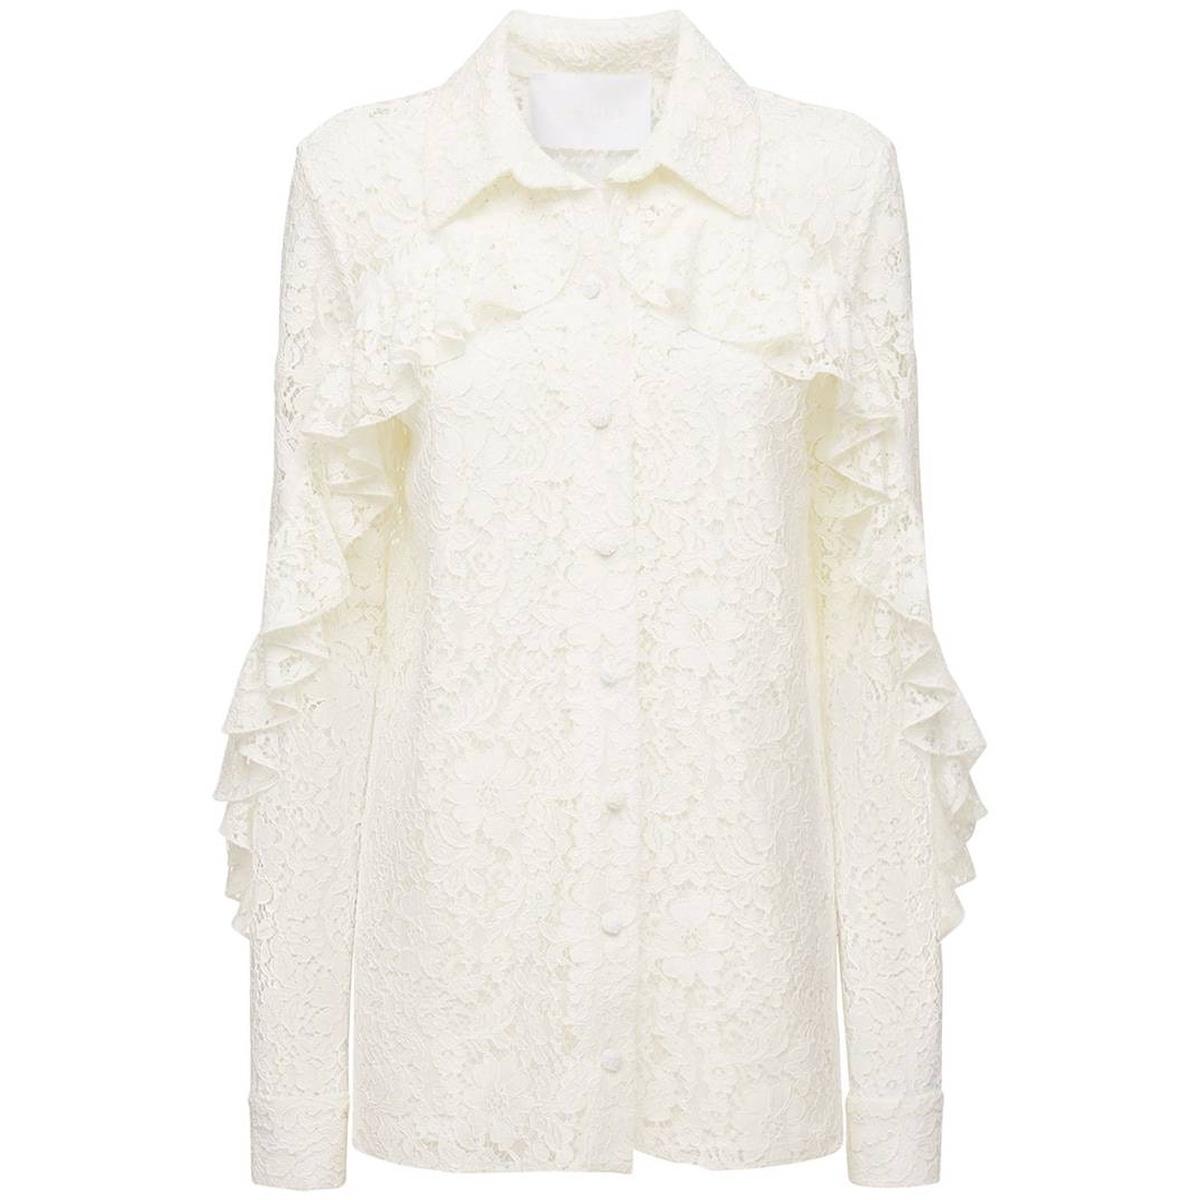 代购Costarellos 褶饰蕾丝衬衫女2021新款奢侈品设计感小众透肌感